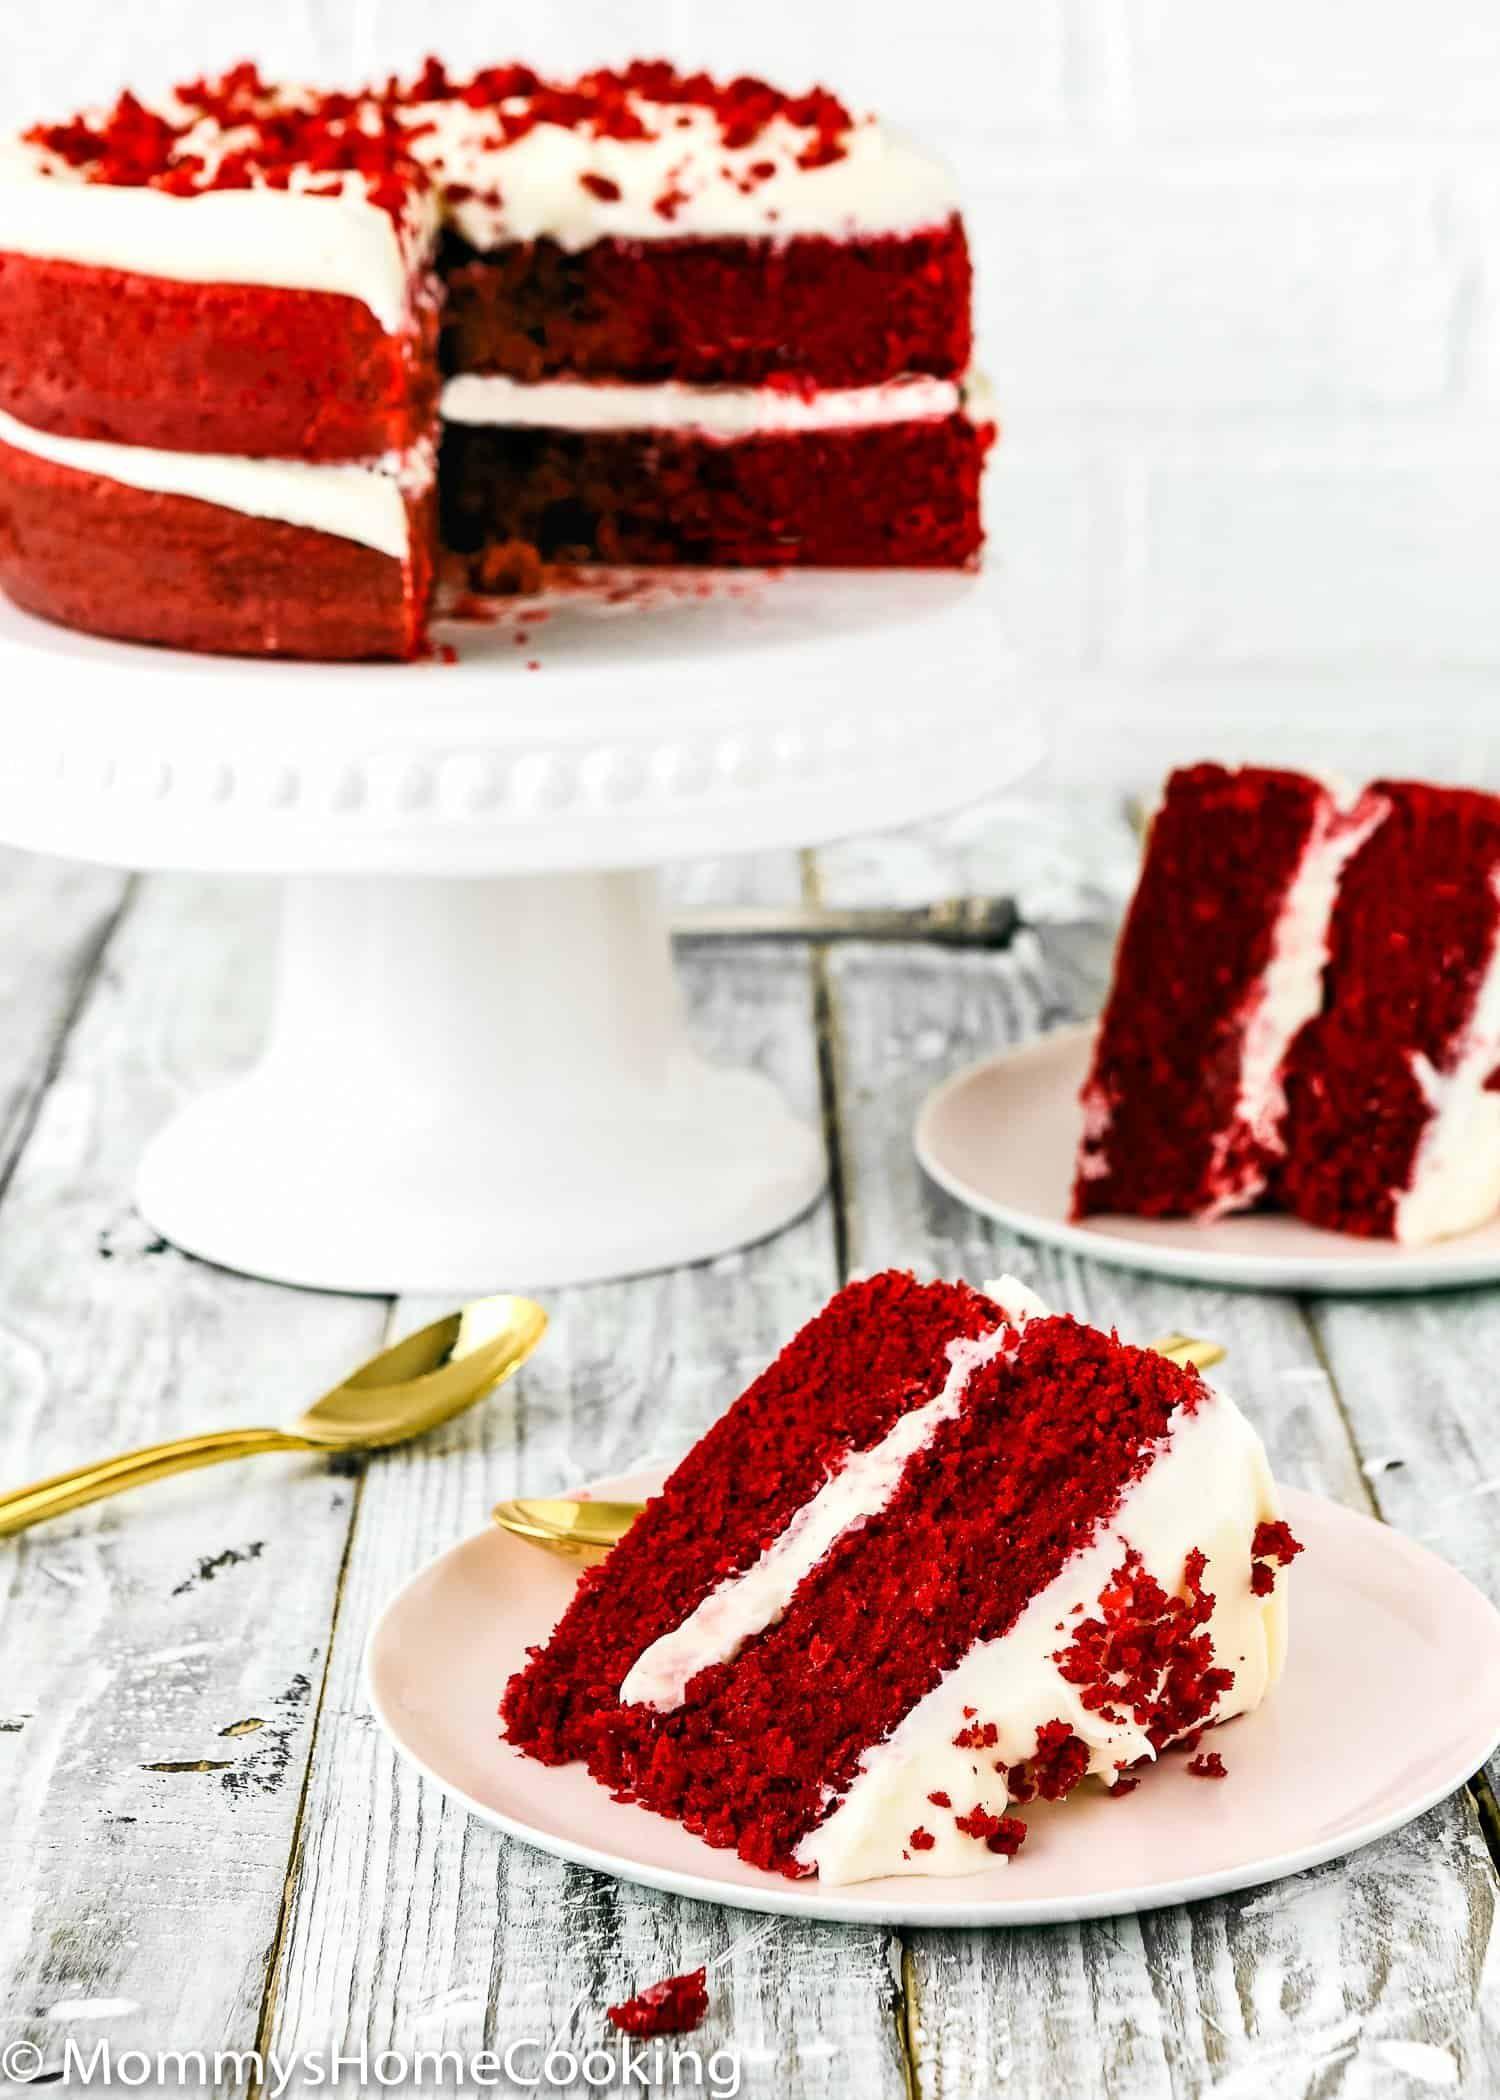 Eggless Red Velvet Cake Recipe In 2020 Velvet Cake Recipes Eggless Red Velvet Cake Red Velvet Cake Recipe